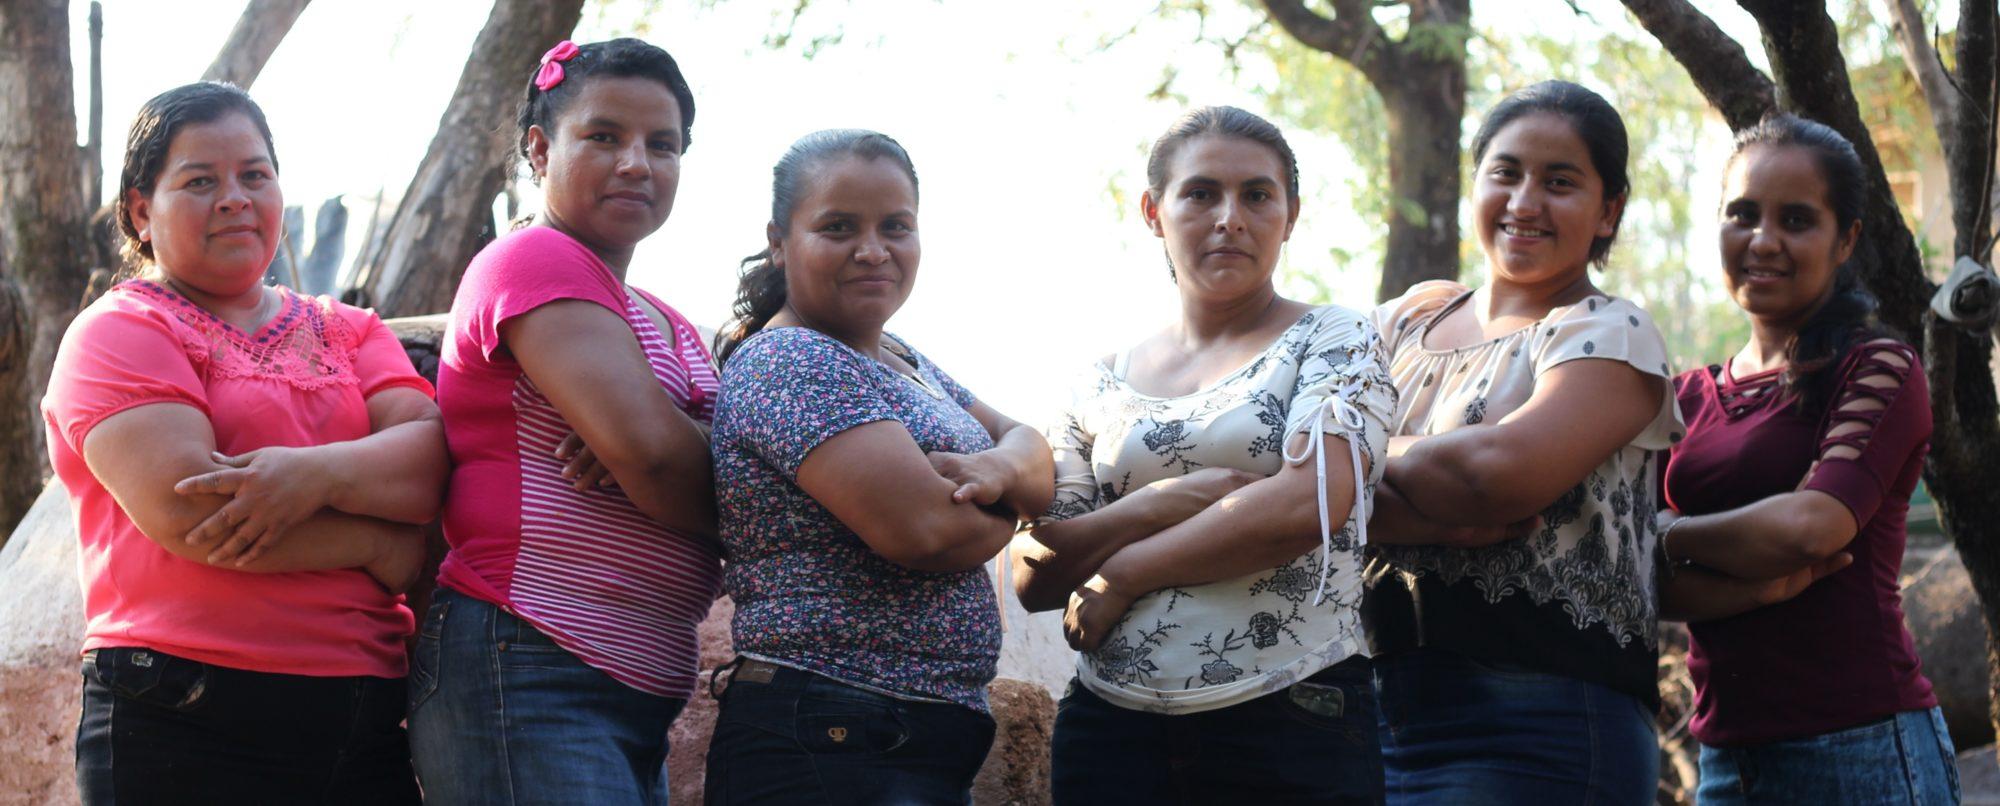 Seis mujeres paradas con brazos cruzados mirando a la cámara